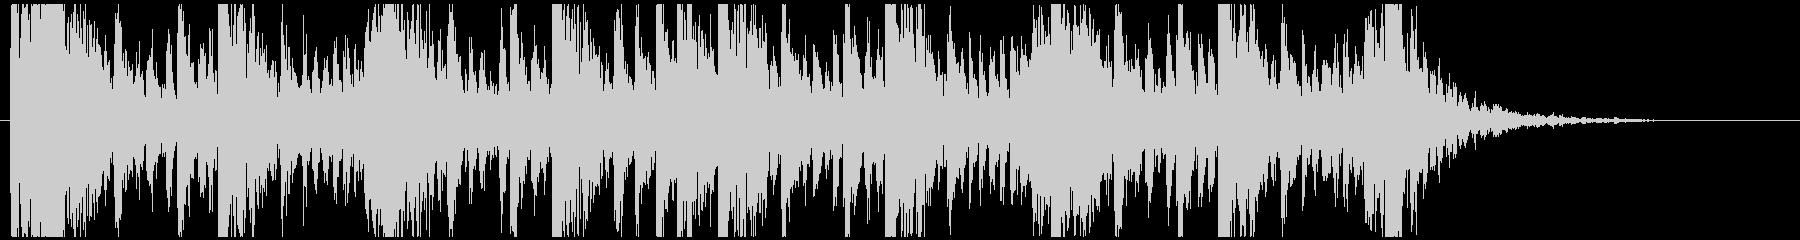 和太鼓のリズム2 残響なしBPM160の未再生の波形